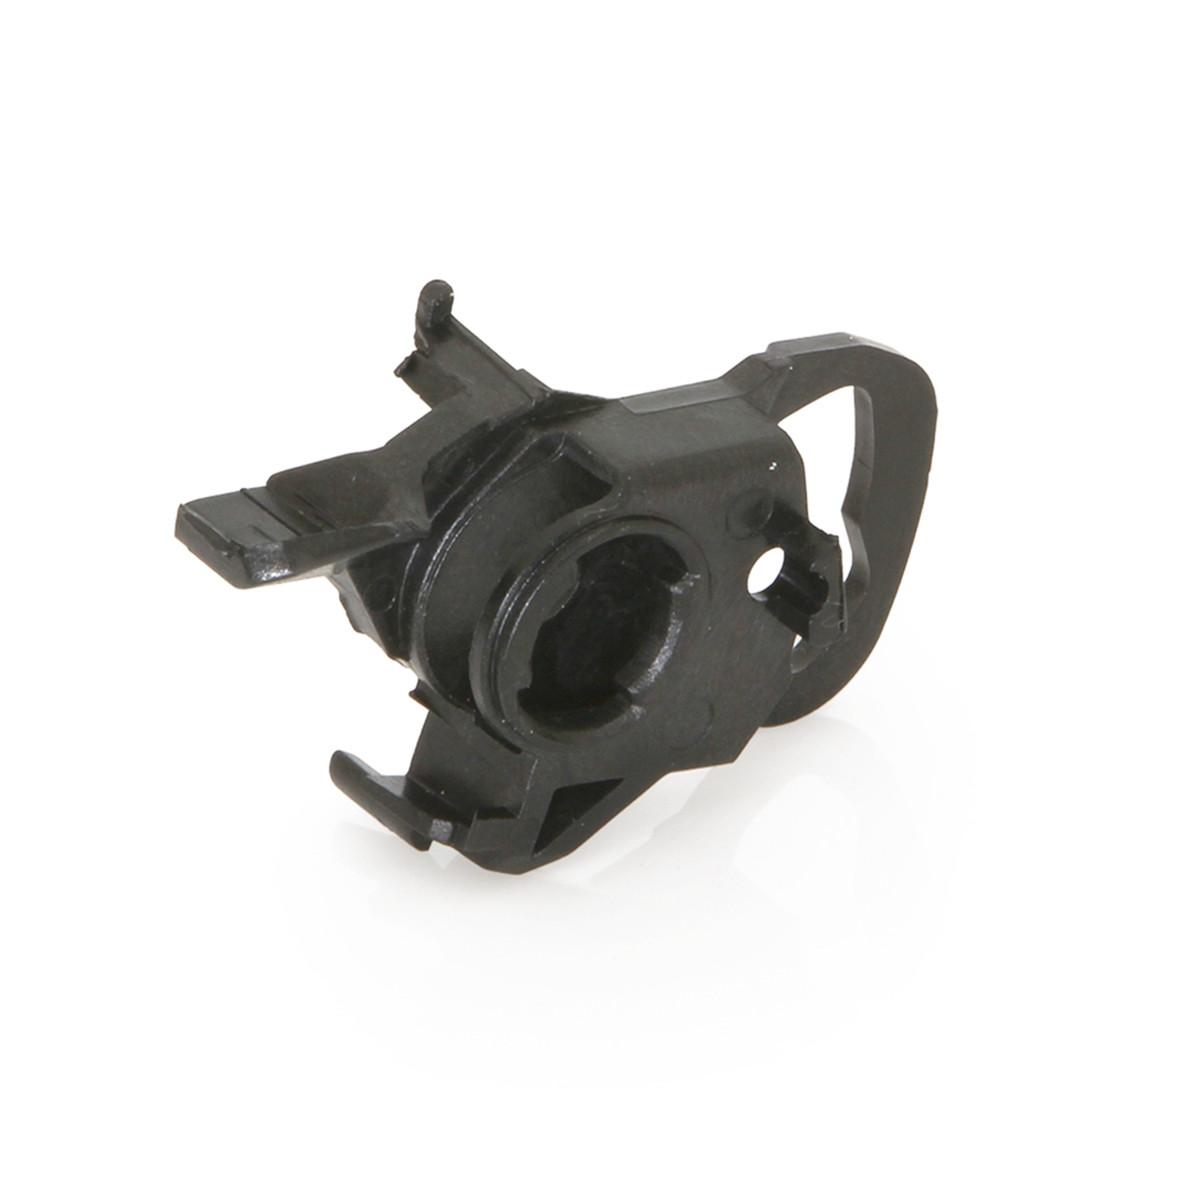 Atuador para Impressora HP 1510 1610 DJ5440 C3180 F4480 5940 DJ-5440 C-3180 F-4480 | Importado